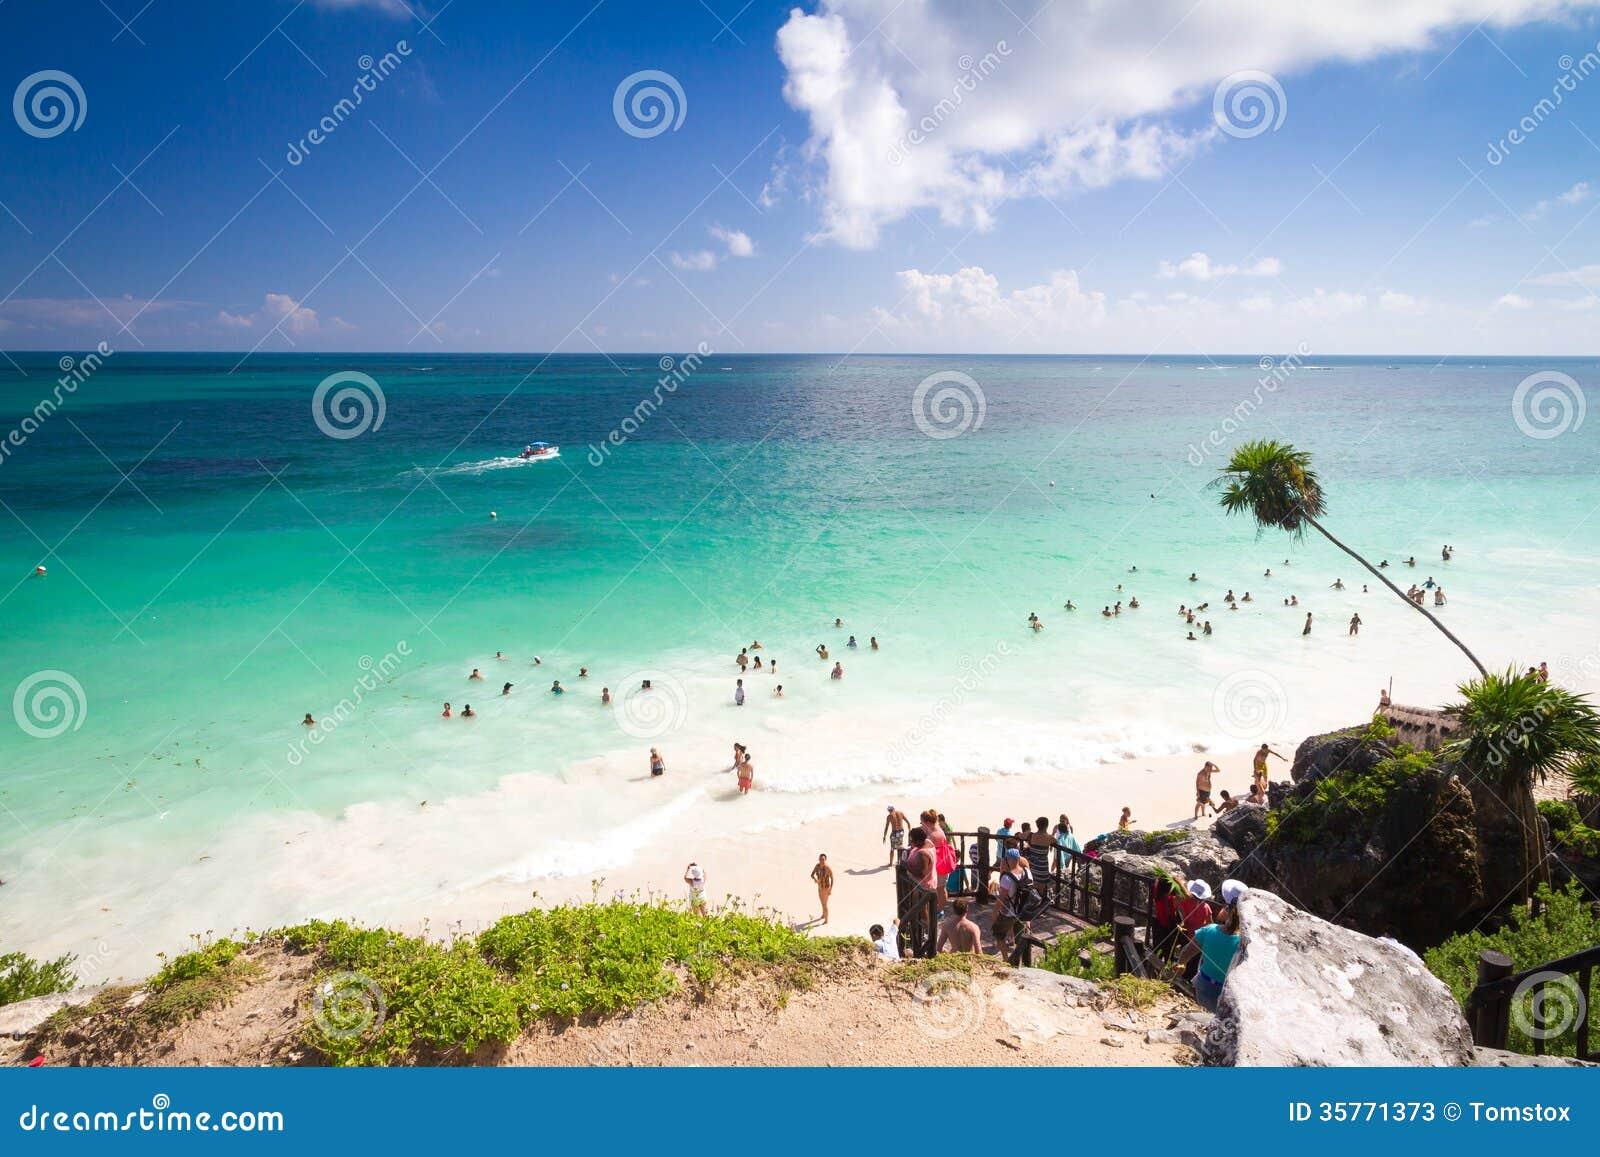 Miami Beach Swimming Conditions